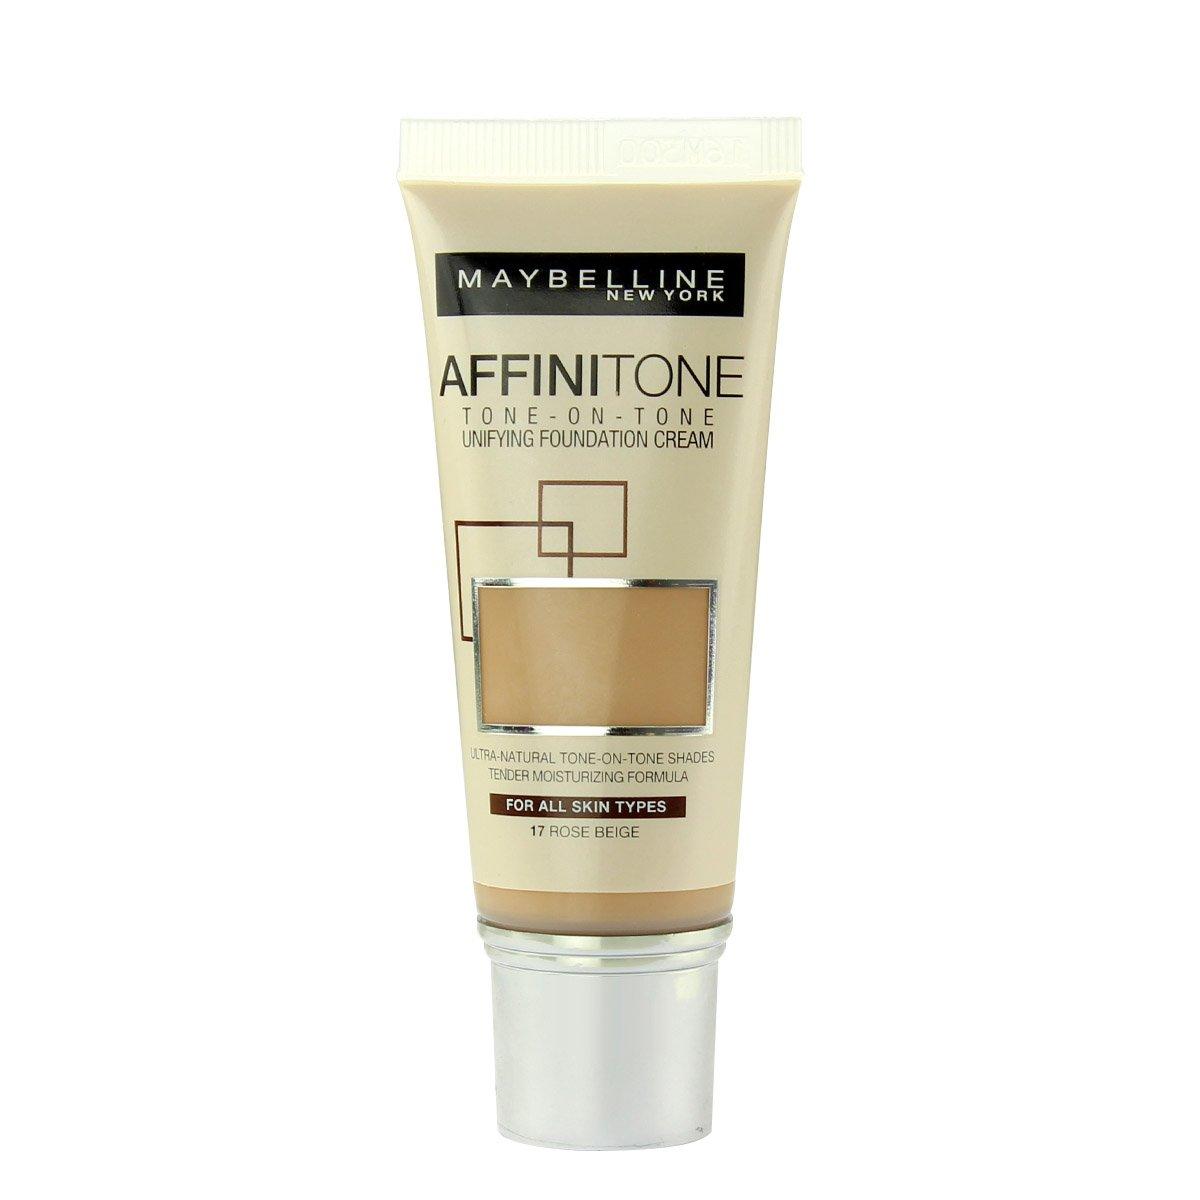 Maybelline Affinitone Foundation Unifying Cream (17 Rose Beige) 30ml 260292